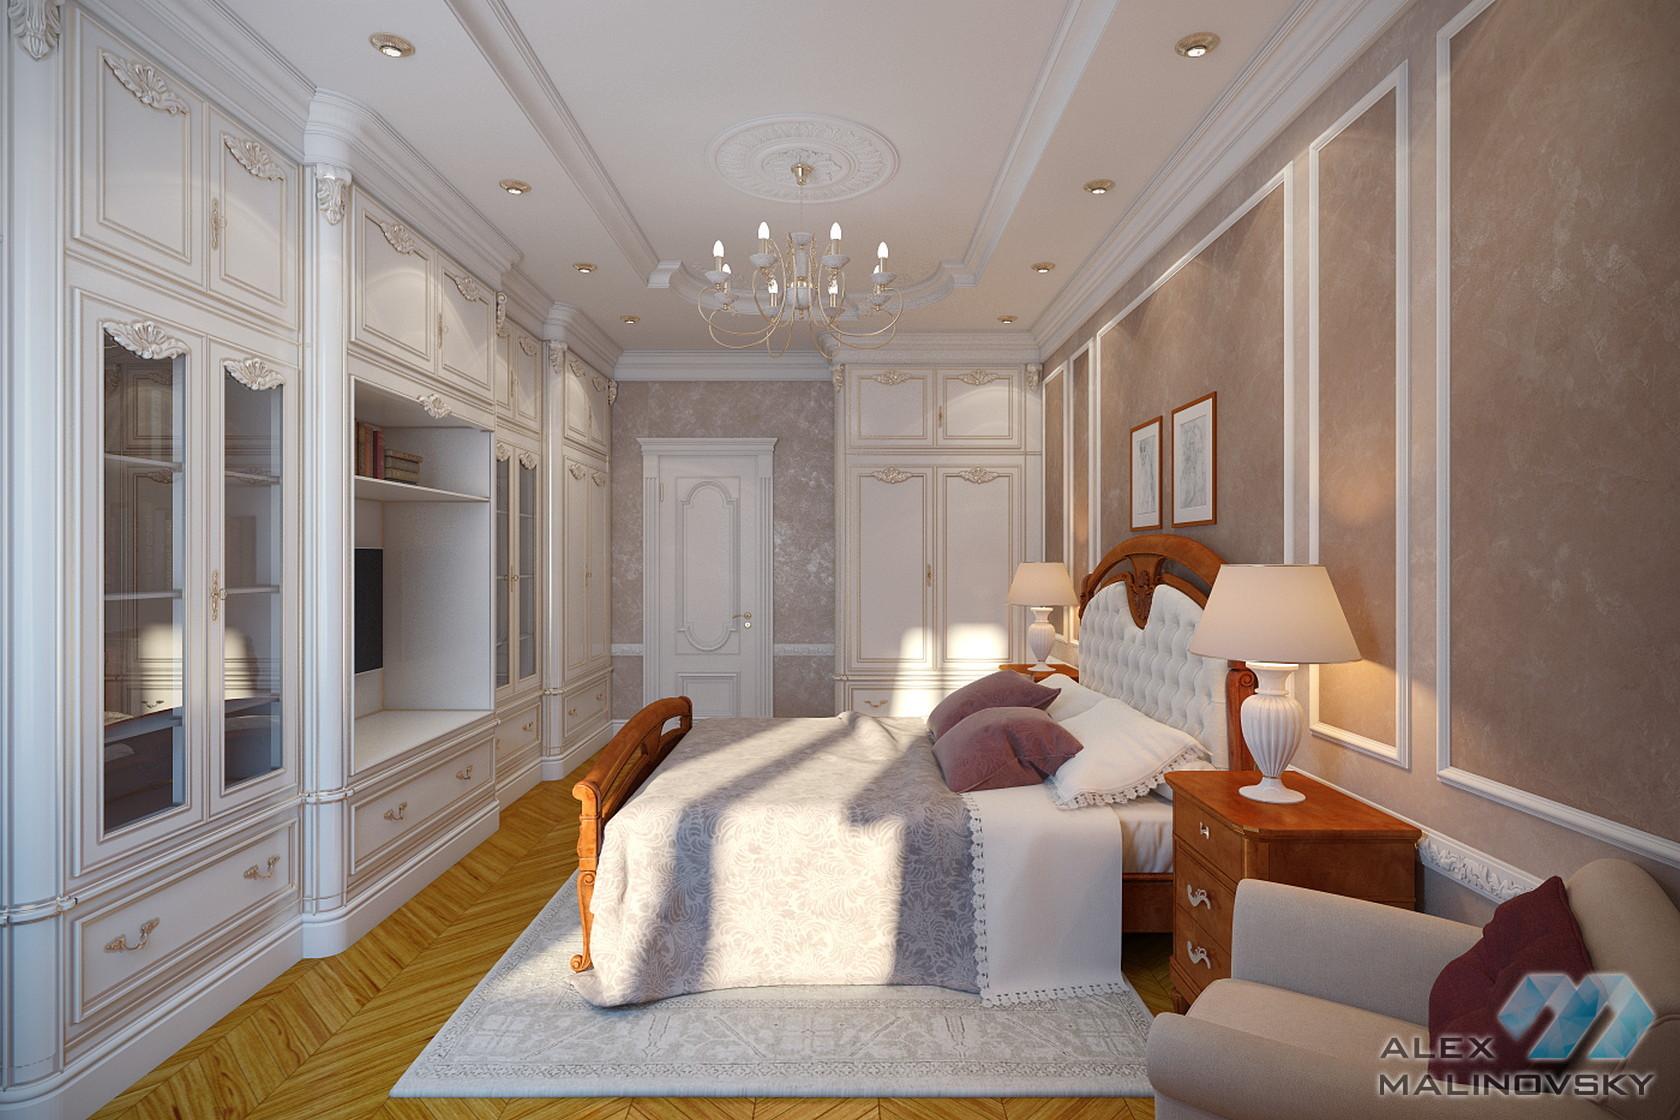 Спальня 2, 3х комнатная квартира, Старый Арбат, Москва